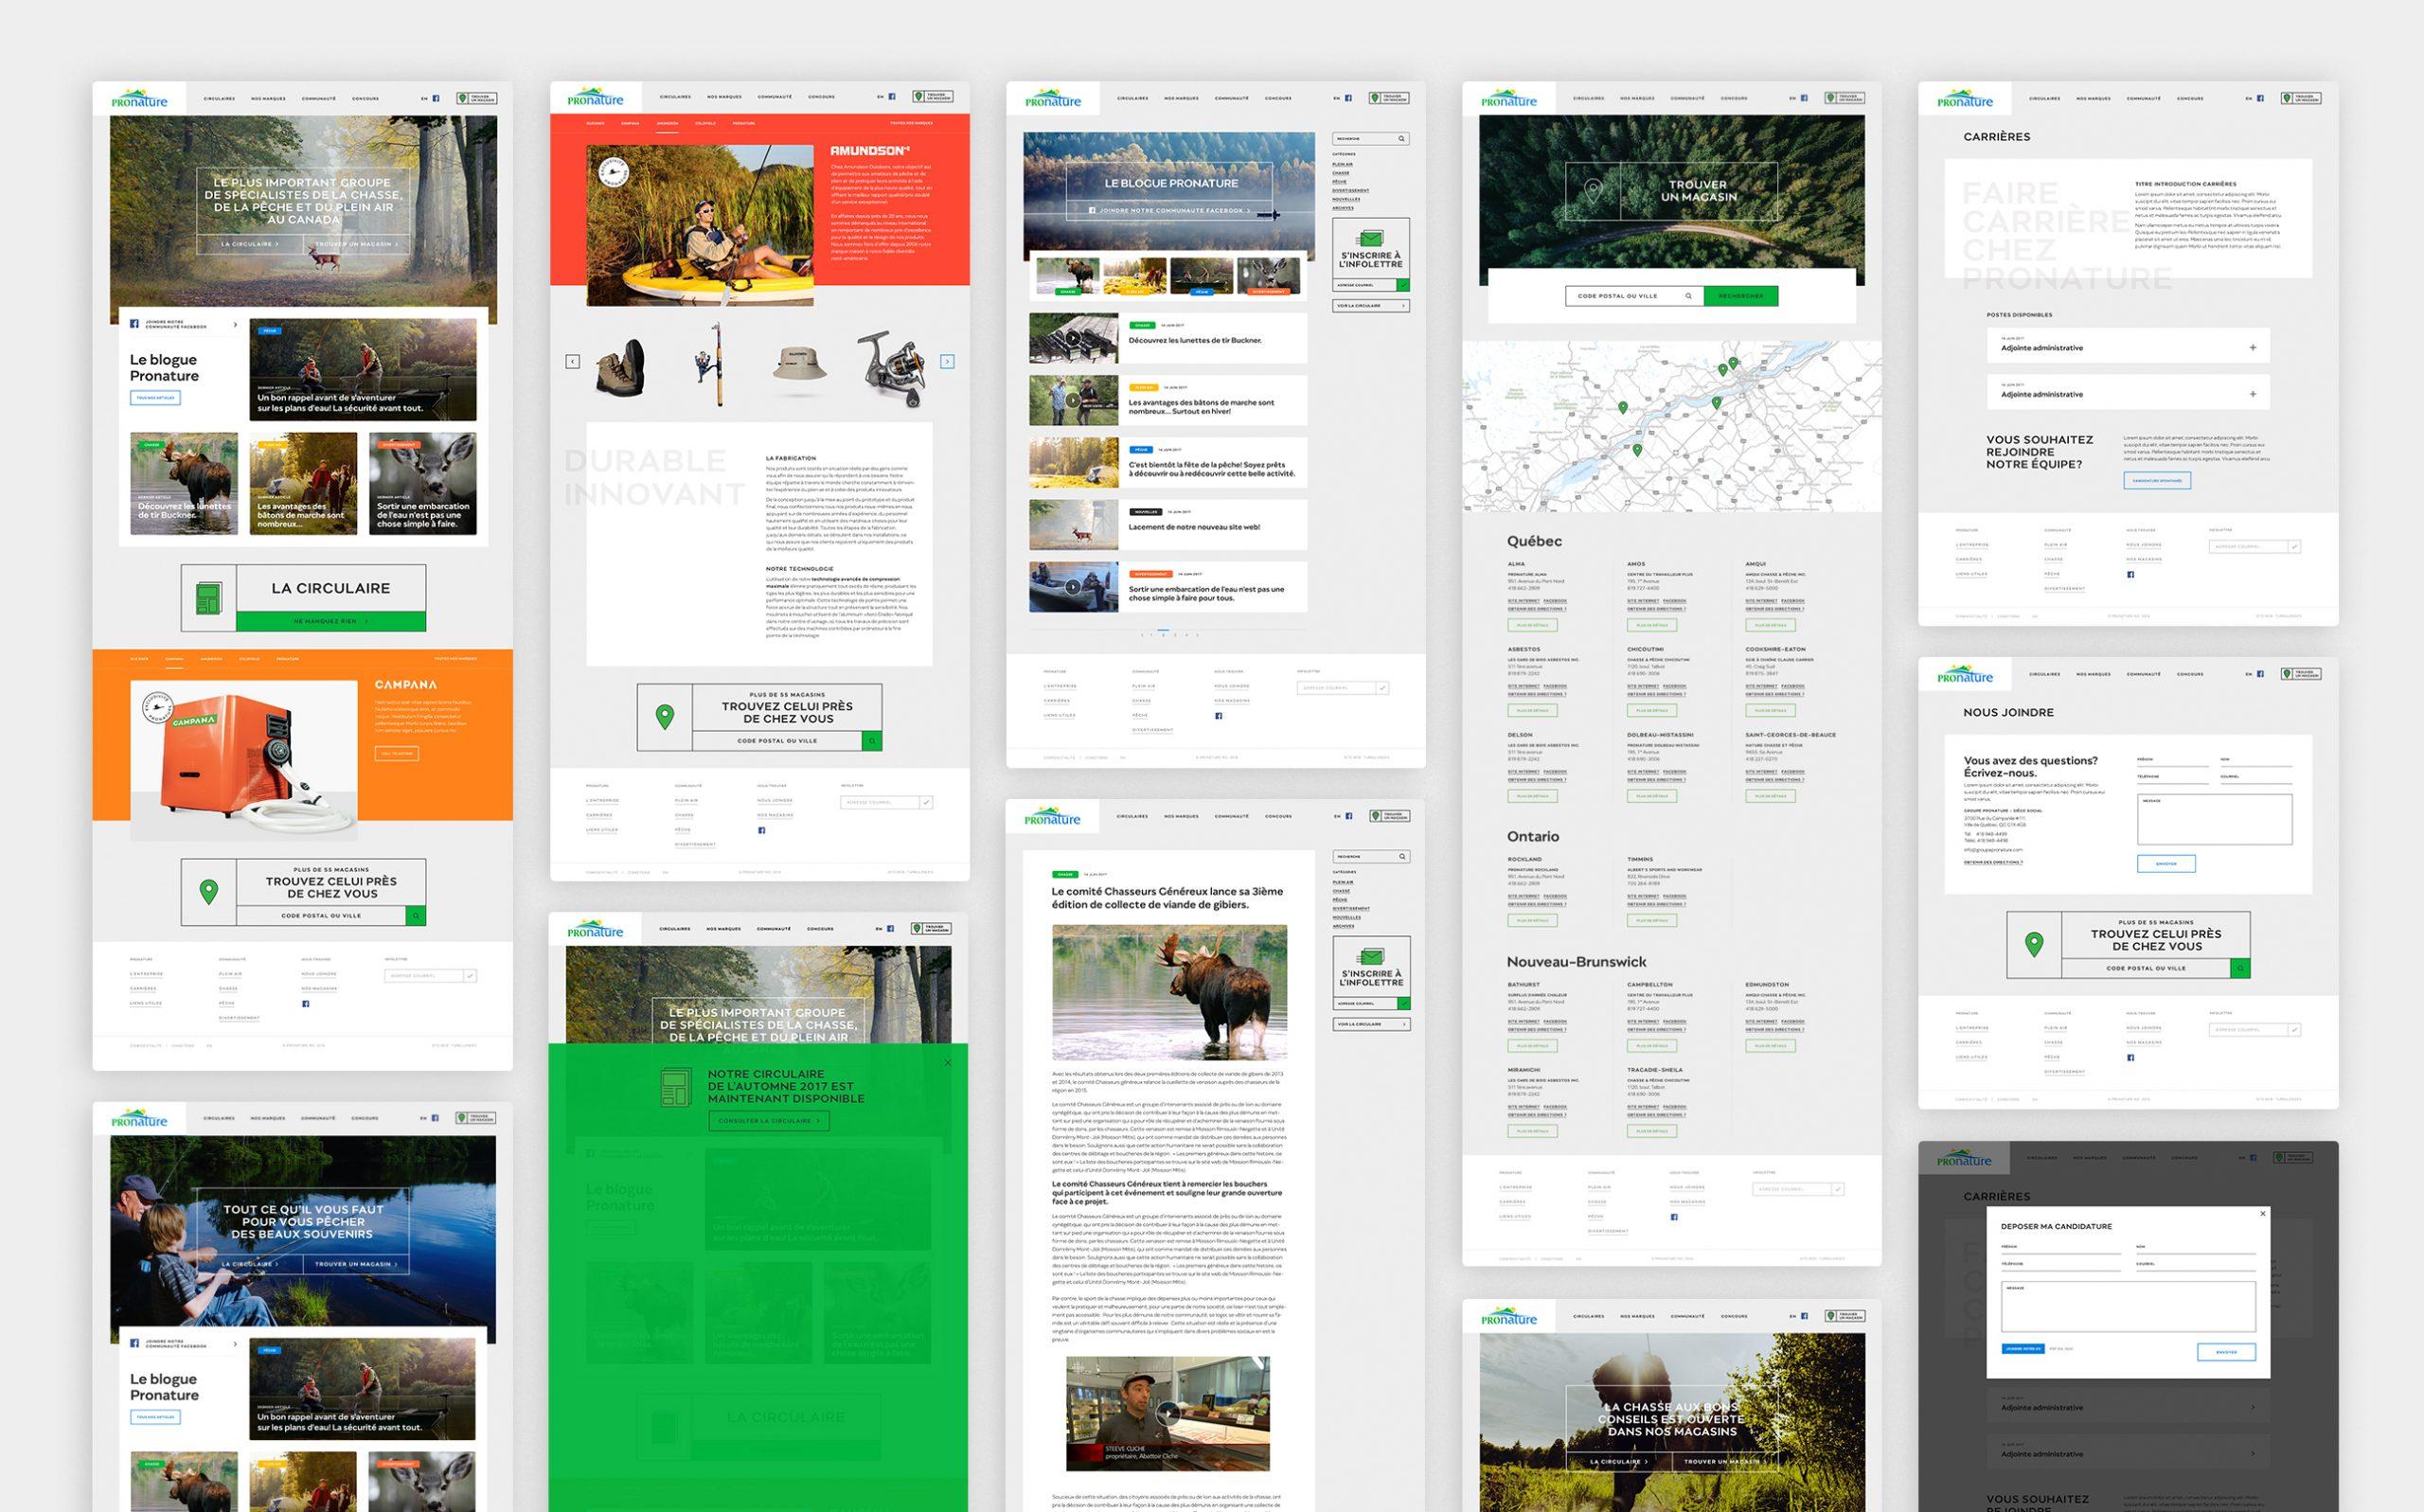 Turbulences-projet-pronature-site-web-desktop-pages-blogue